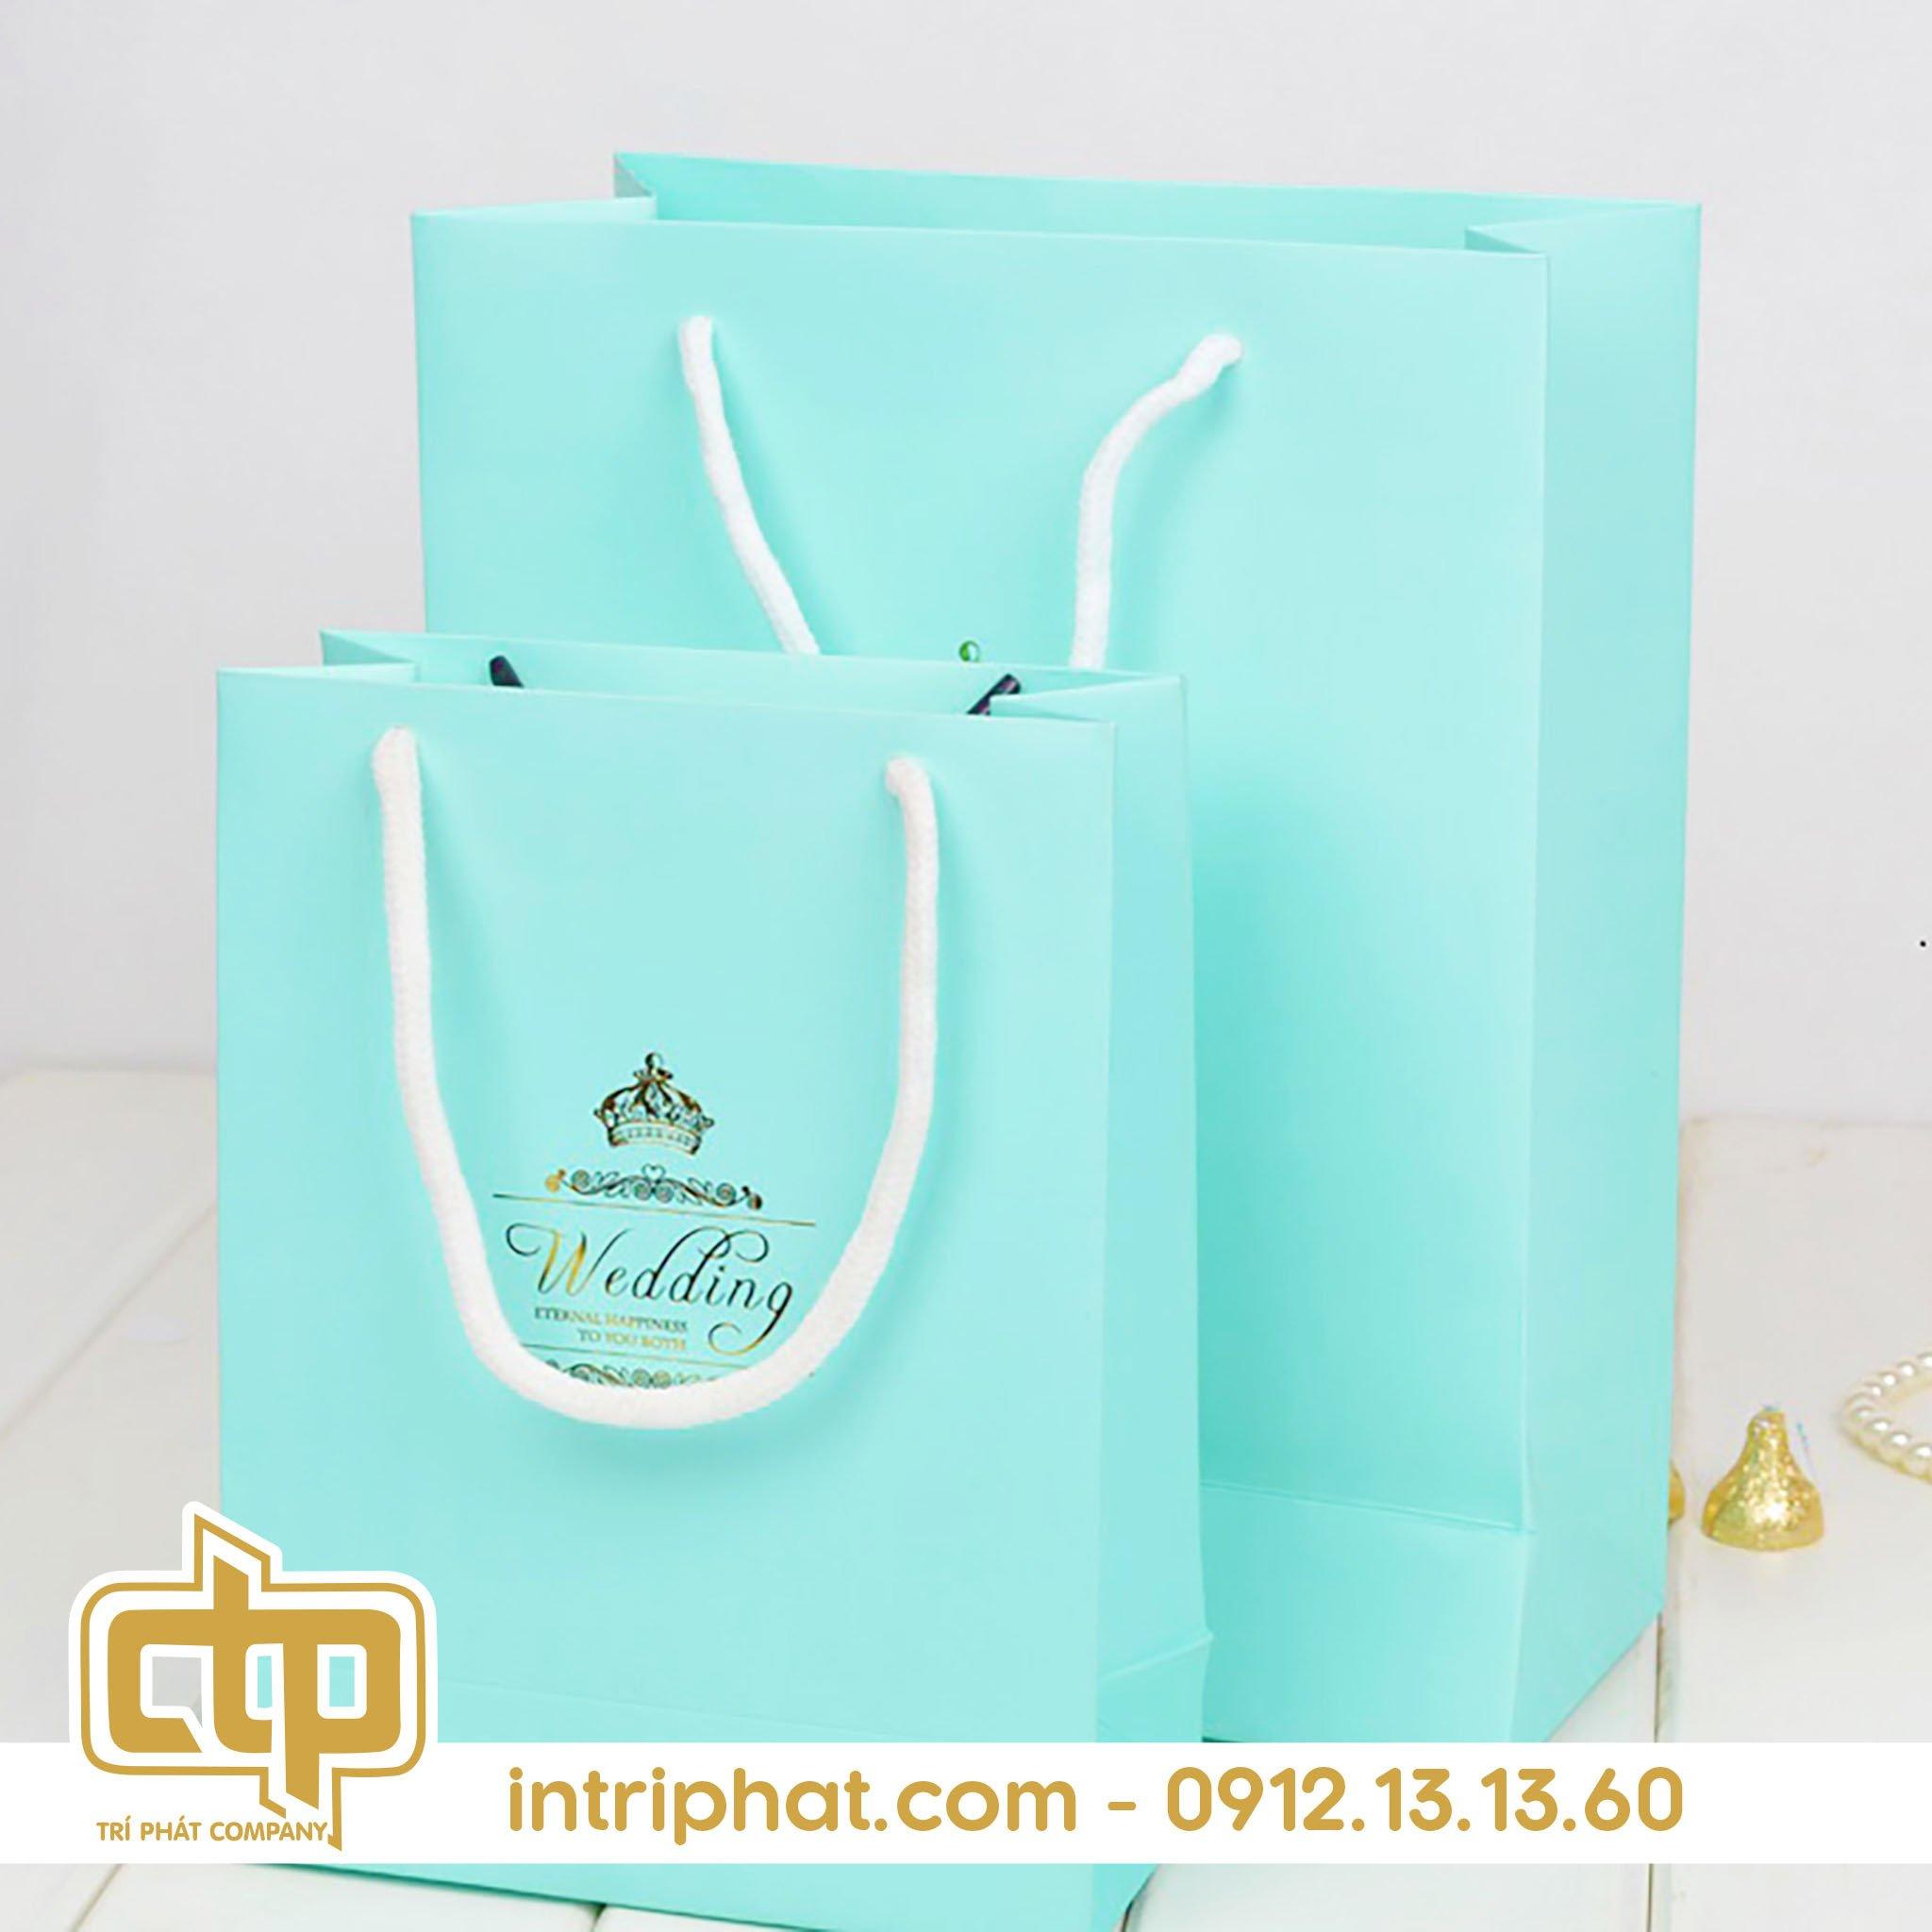 Những mẫu túi giấy đựng quà được thiết kế đẹp 4